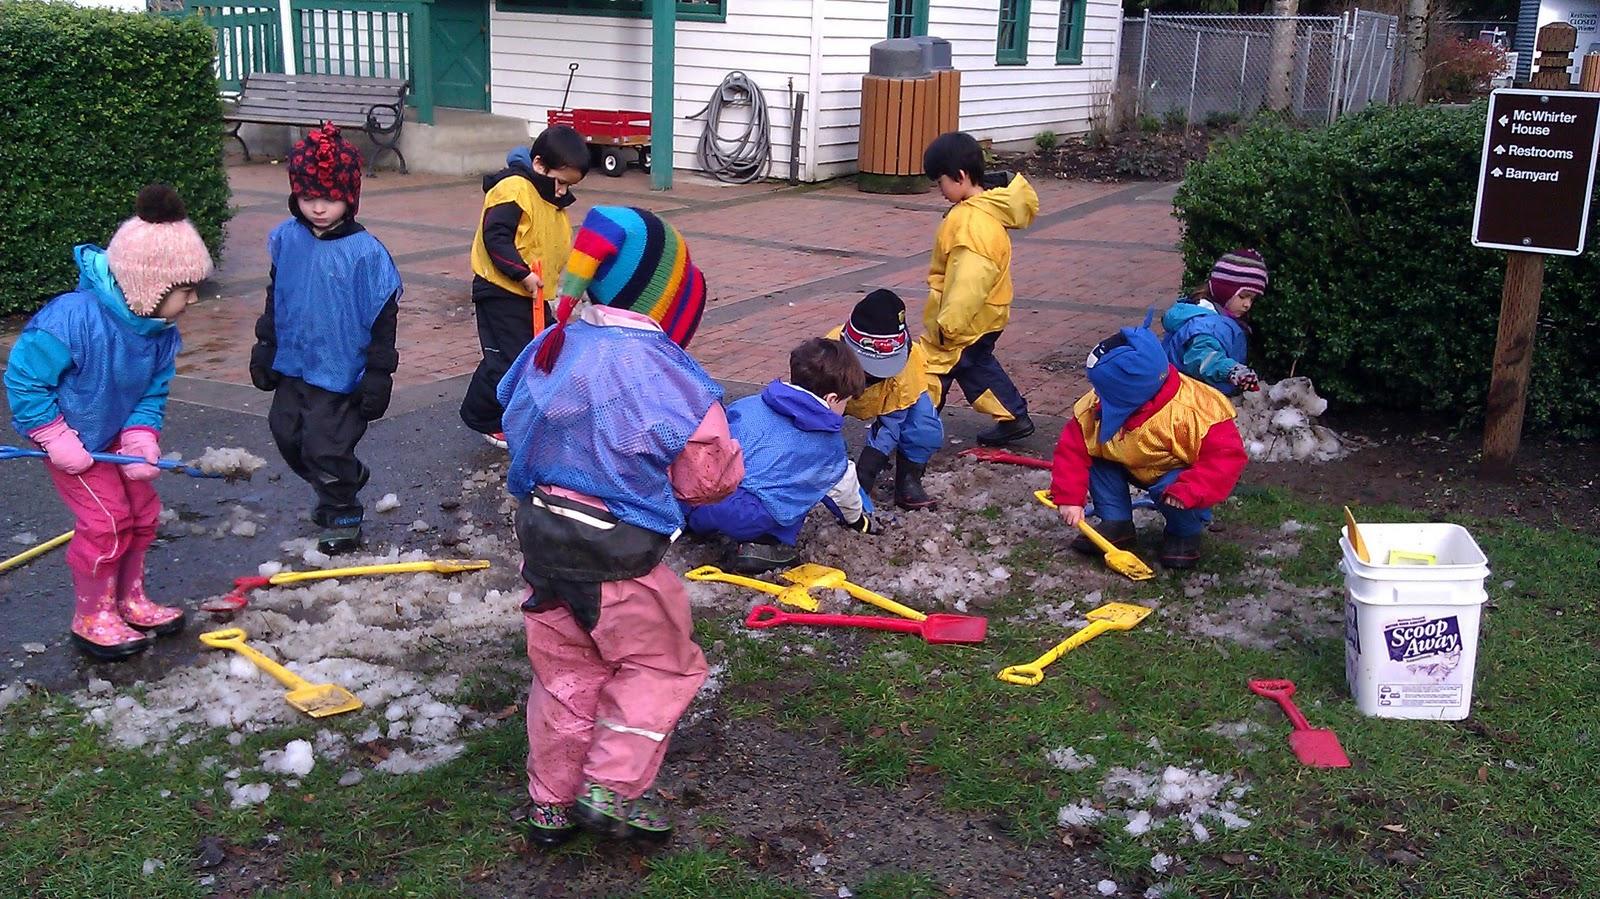 The Outdoor Preschool